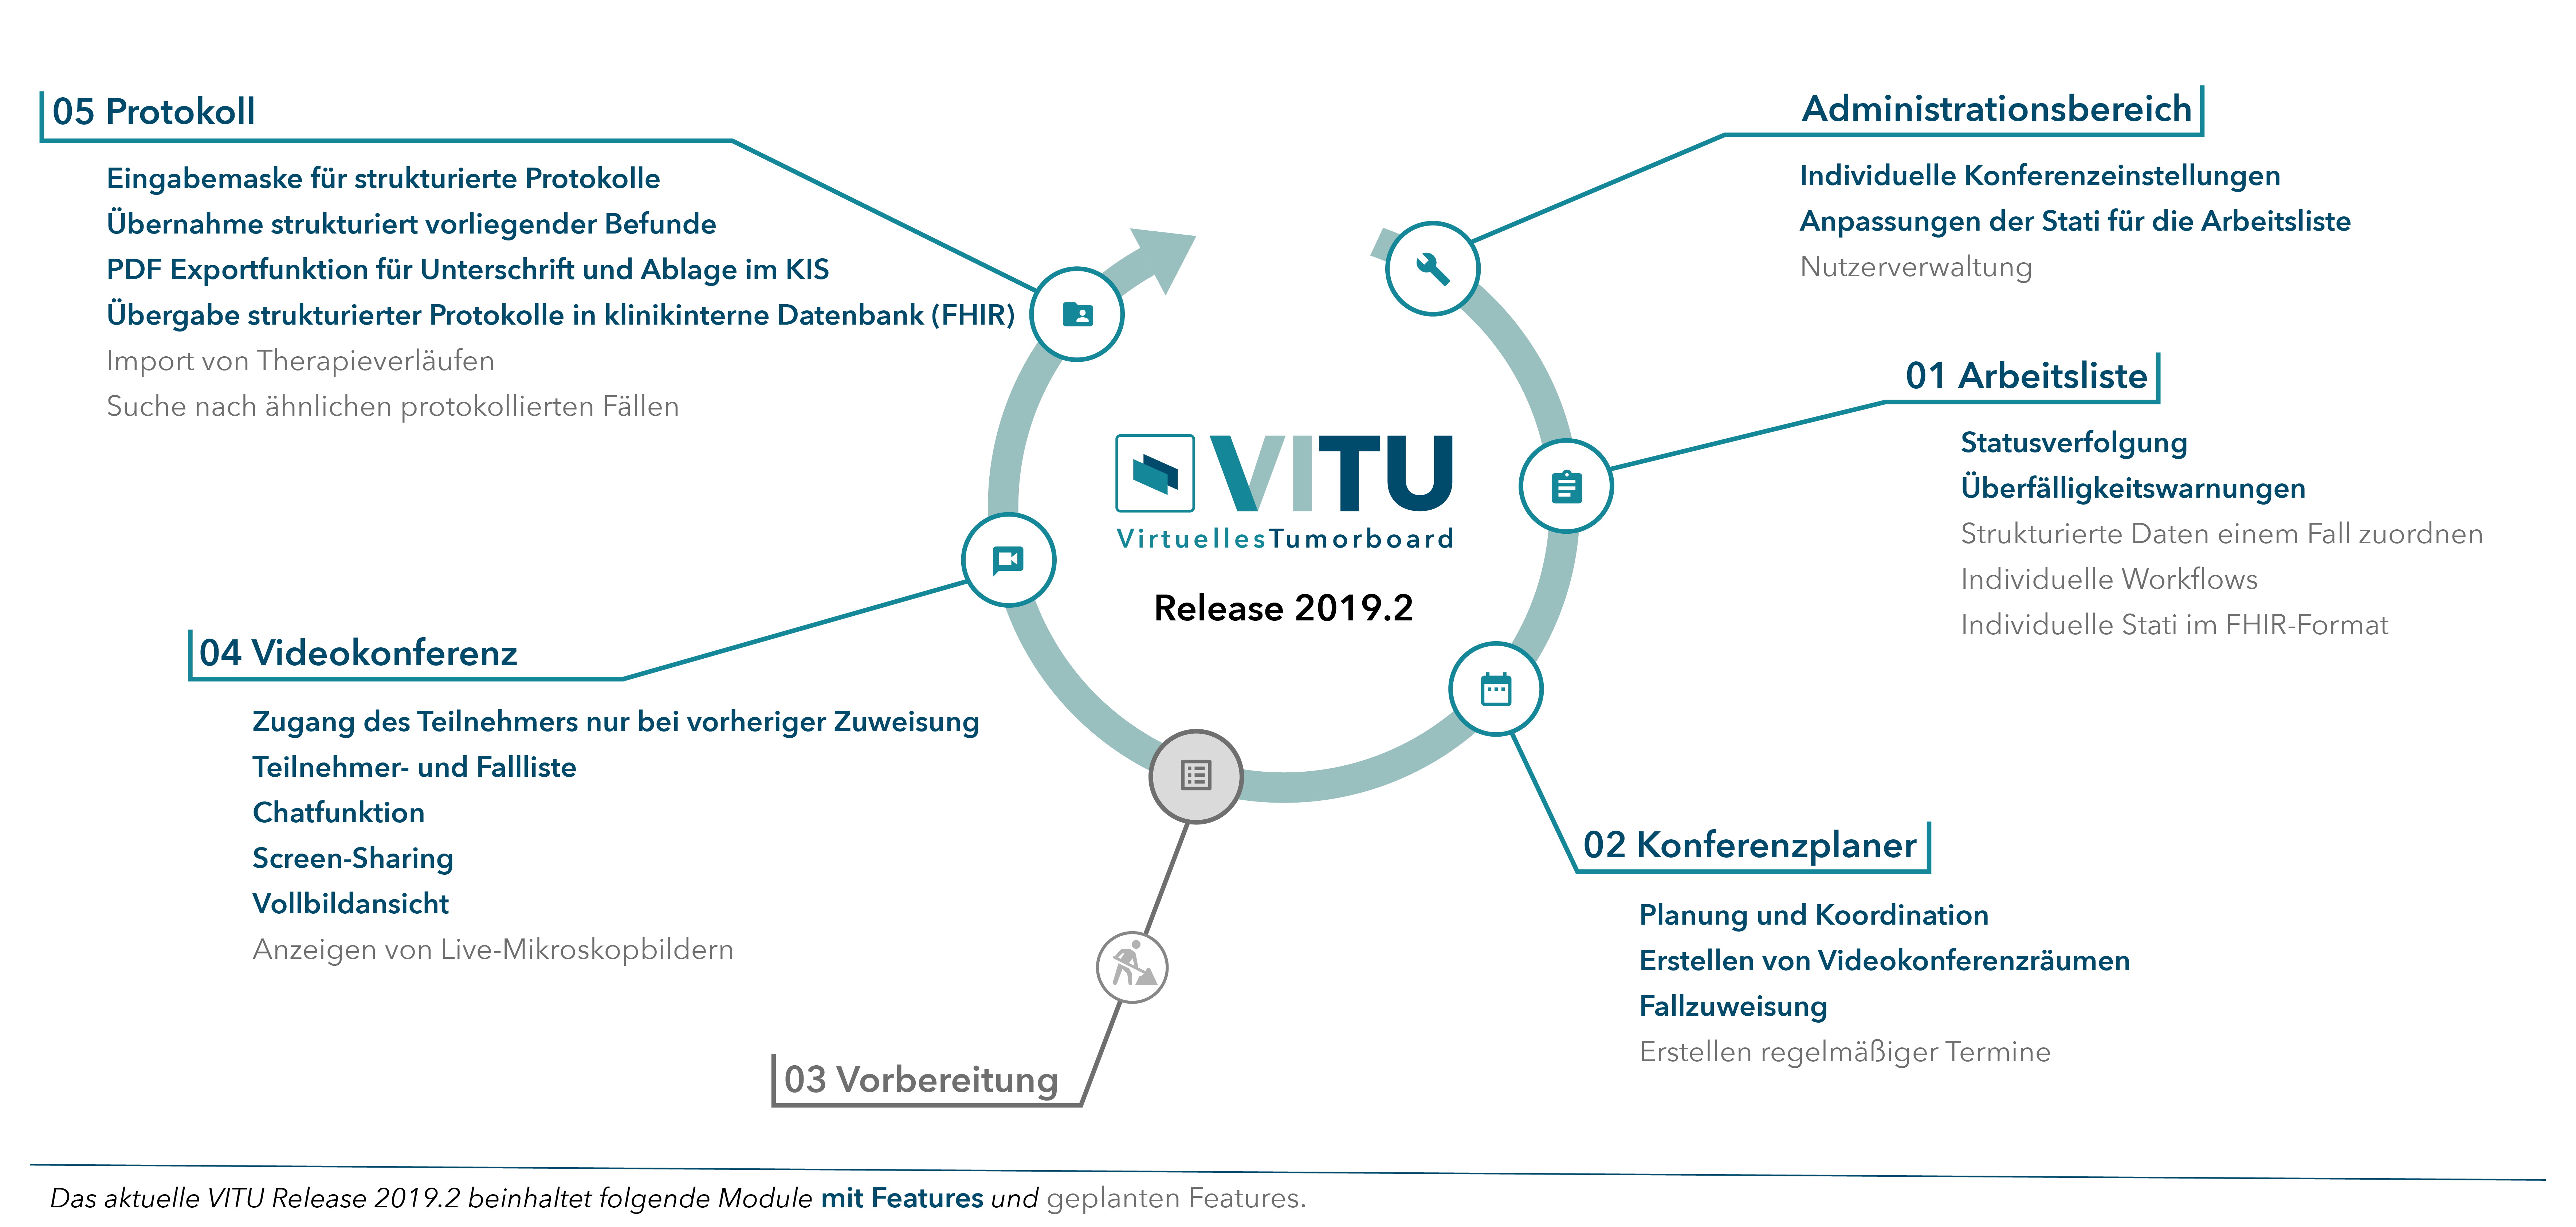 VITU Virtuelles Tumorboard Release 2019.1: Arbeitsliste / Konferenzplaner / Vorbereitung / Videokonferenz / Protokoll